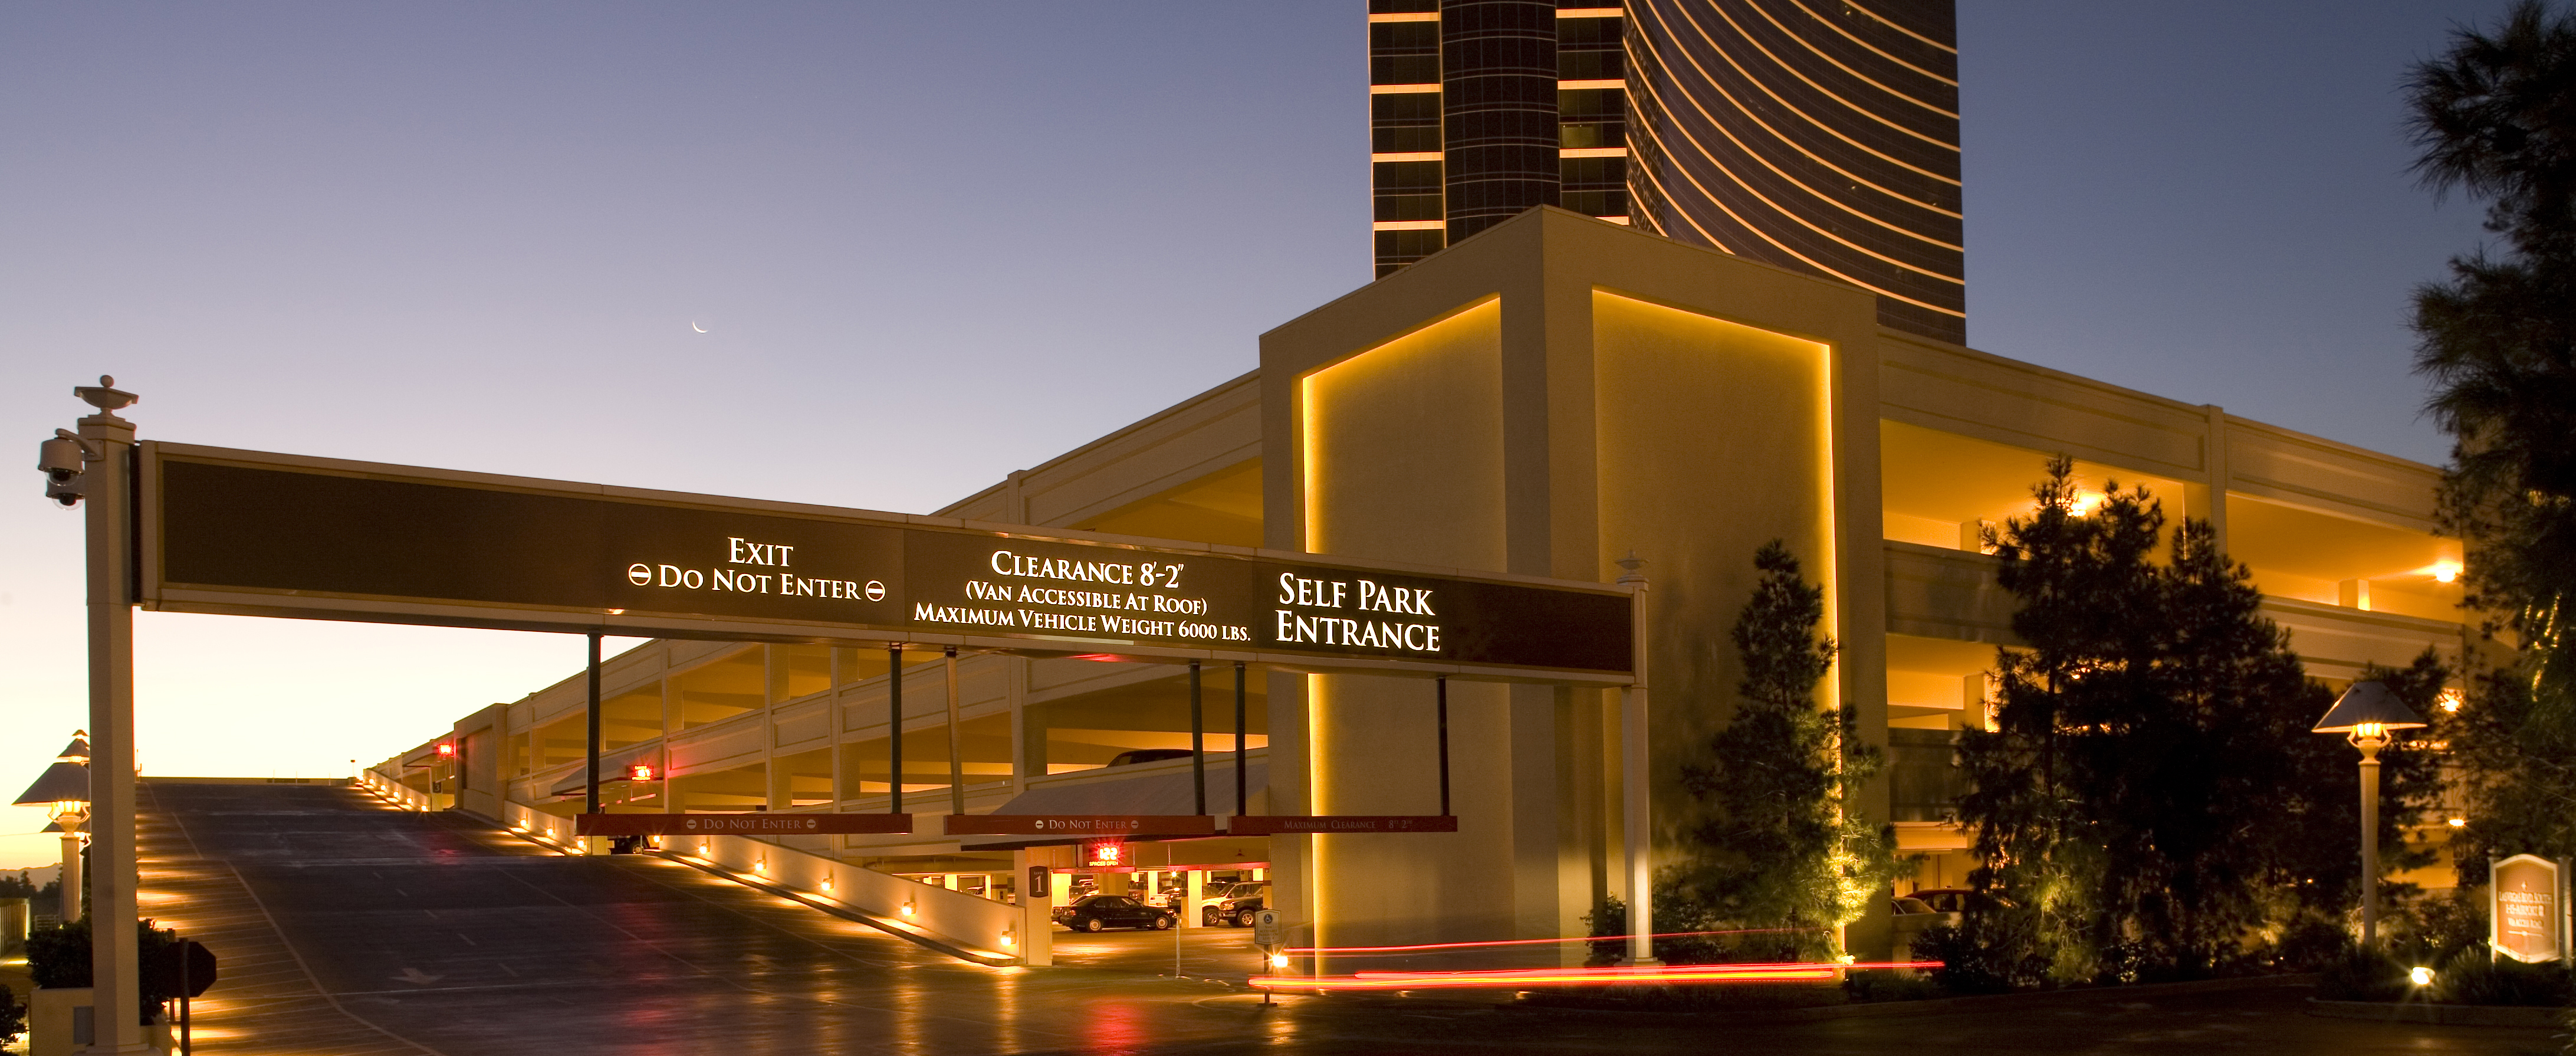 Wynn Casino Le Réve Parking Structure